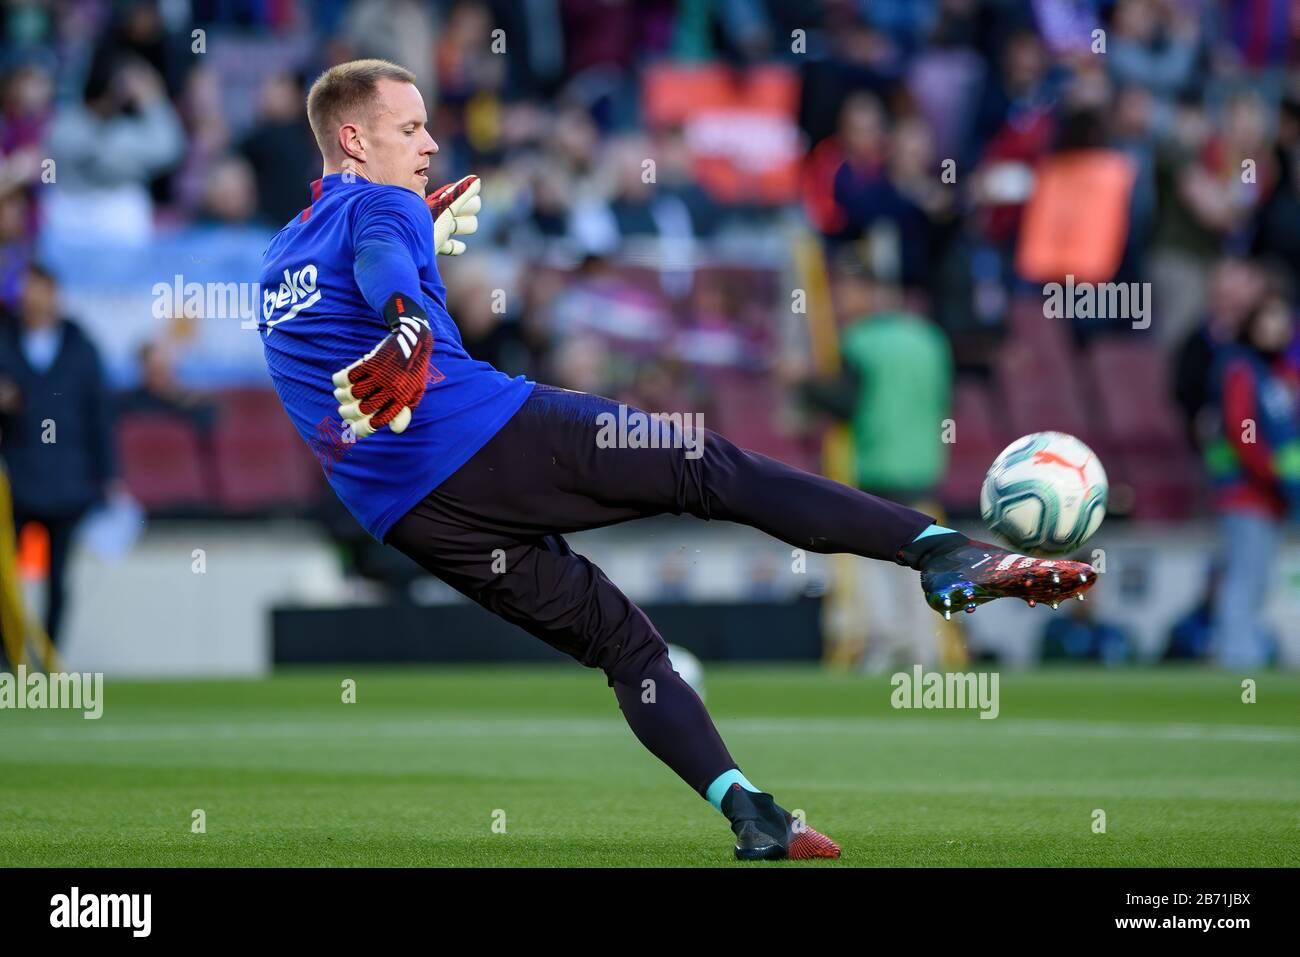 Barcelone - MAR 7: Marc-Andre ter Stegen joue au match la Liga entre le FC Barcelone et Real Sociedad de Futbol au stade Camp Nou en mars Banque D'Images